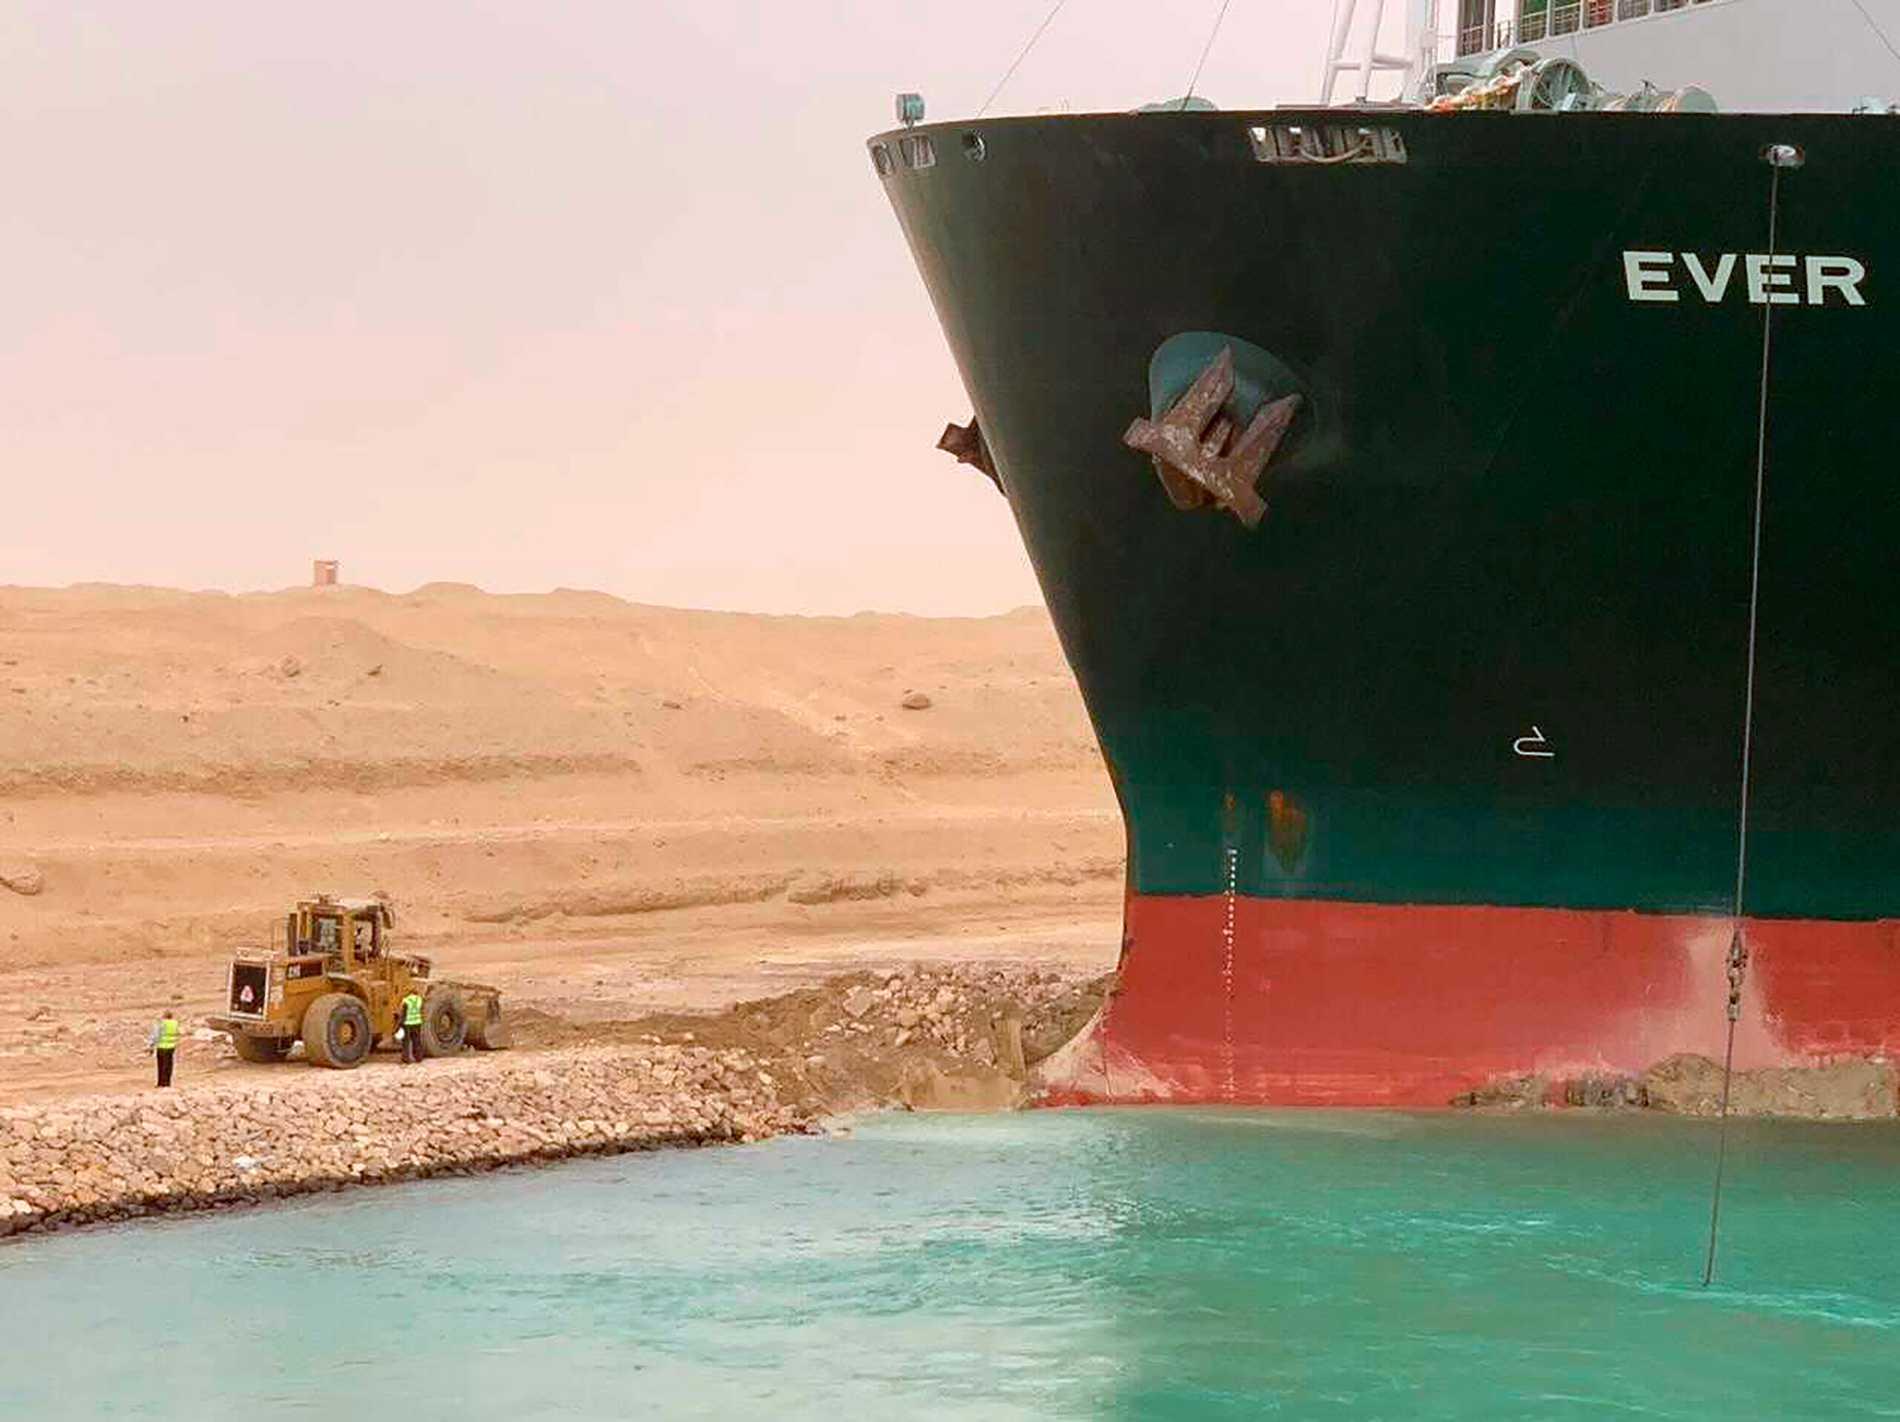 Det enorma skeppet sitter fastkilat i Suezkanalen.